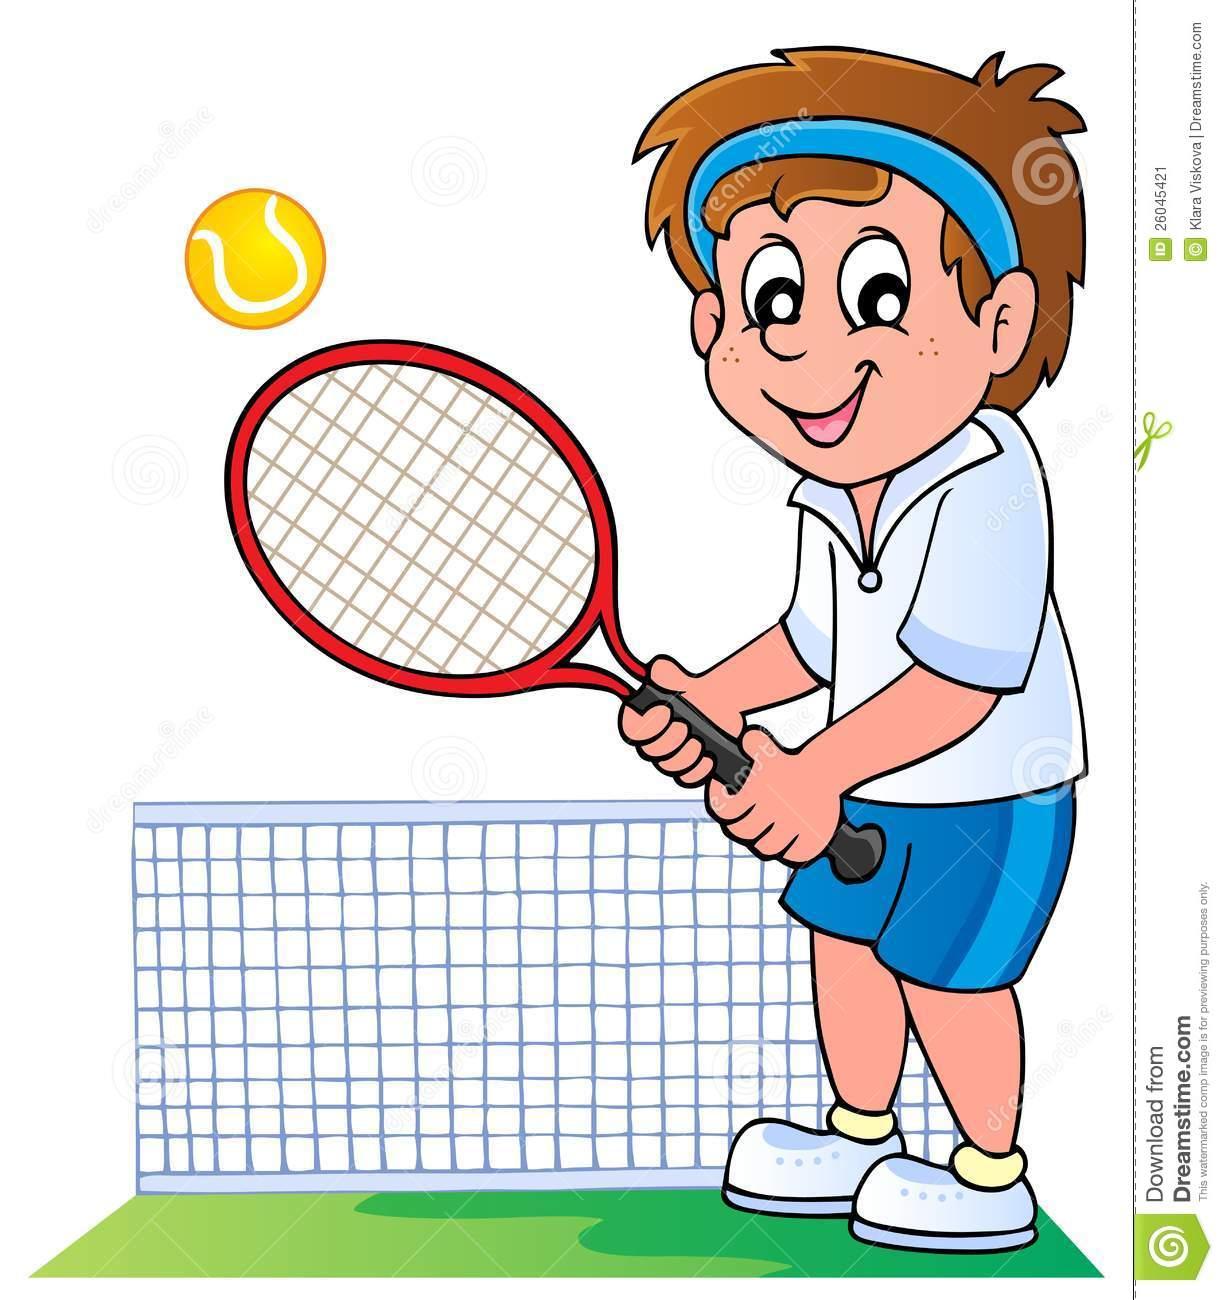 Tennis Cartoon Clipart - Clipart Kid